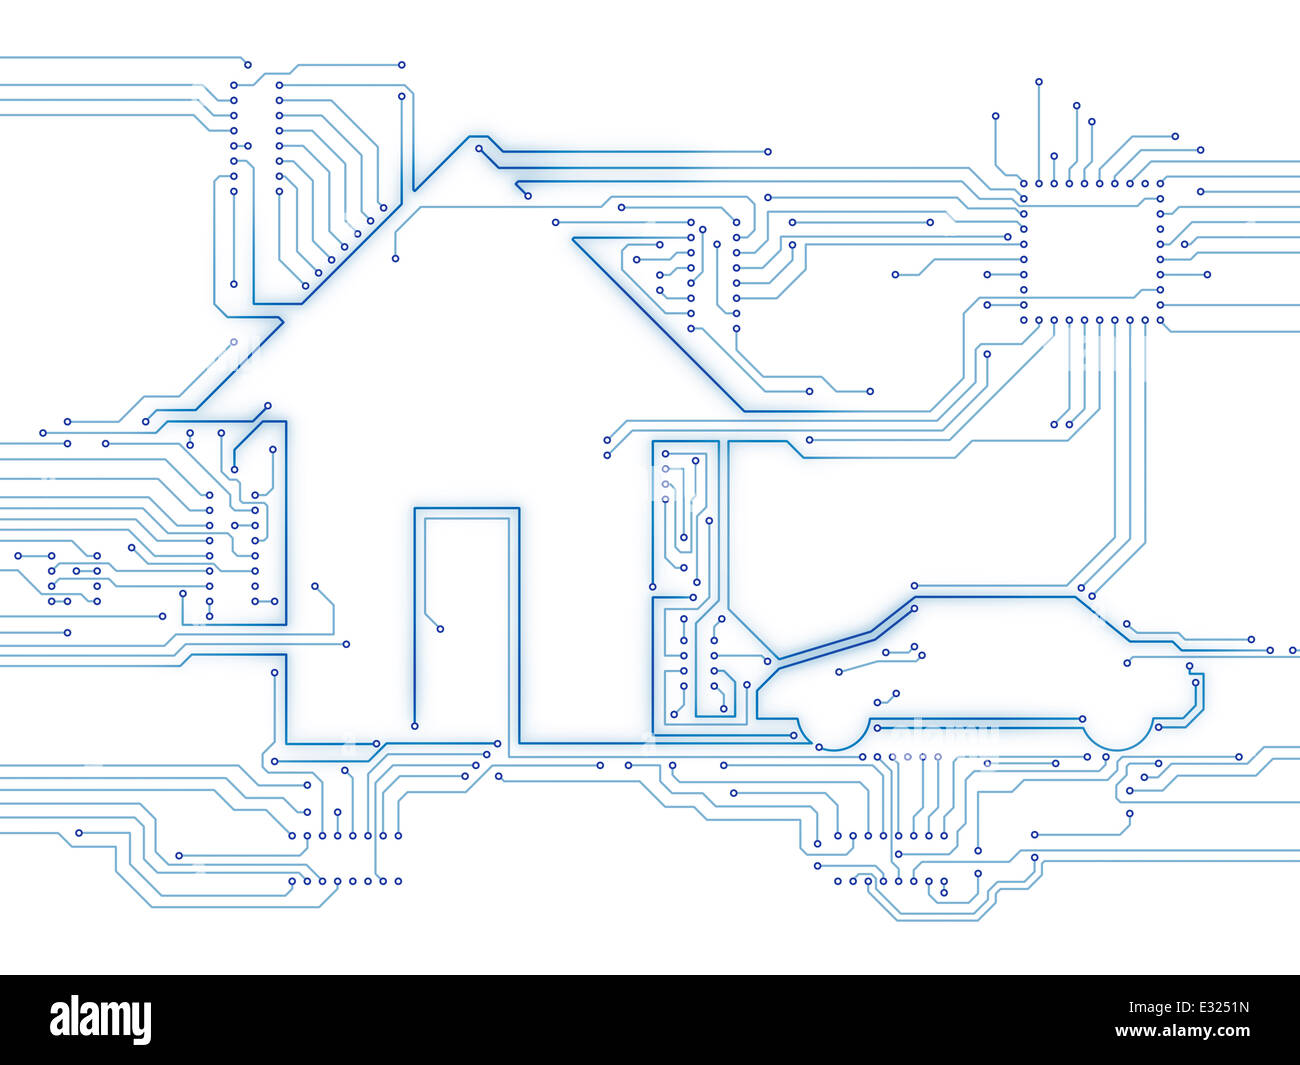 House und Elektro Auto zukünftiger Hausautomation Haustechnik konzeptionelle Darstellung isoliert auf weiss Stockbild